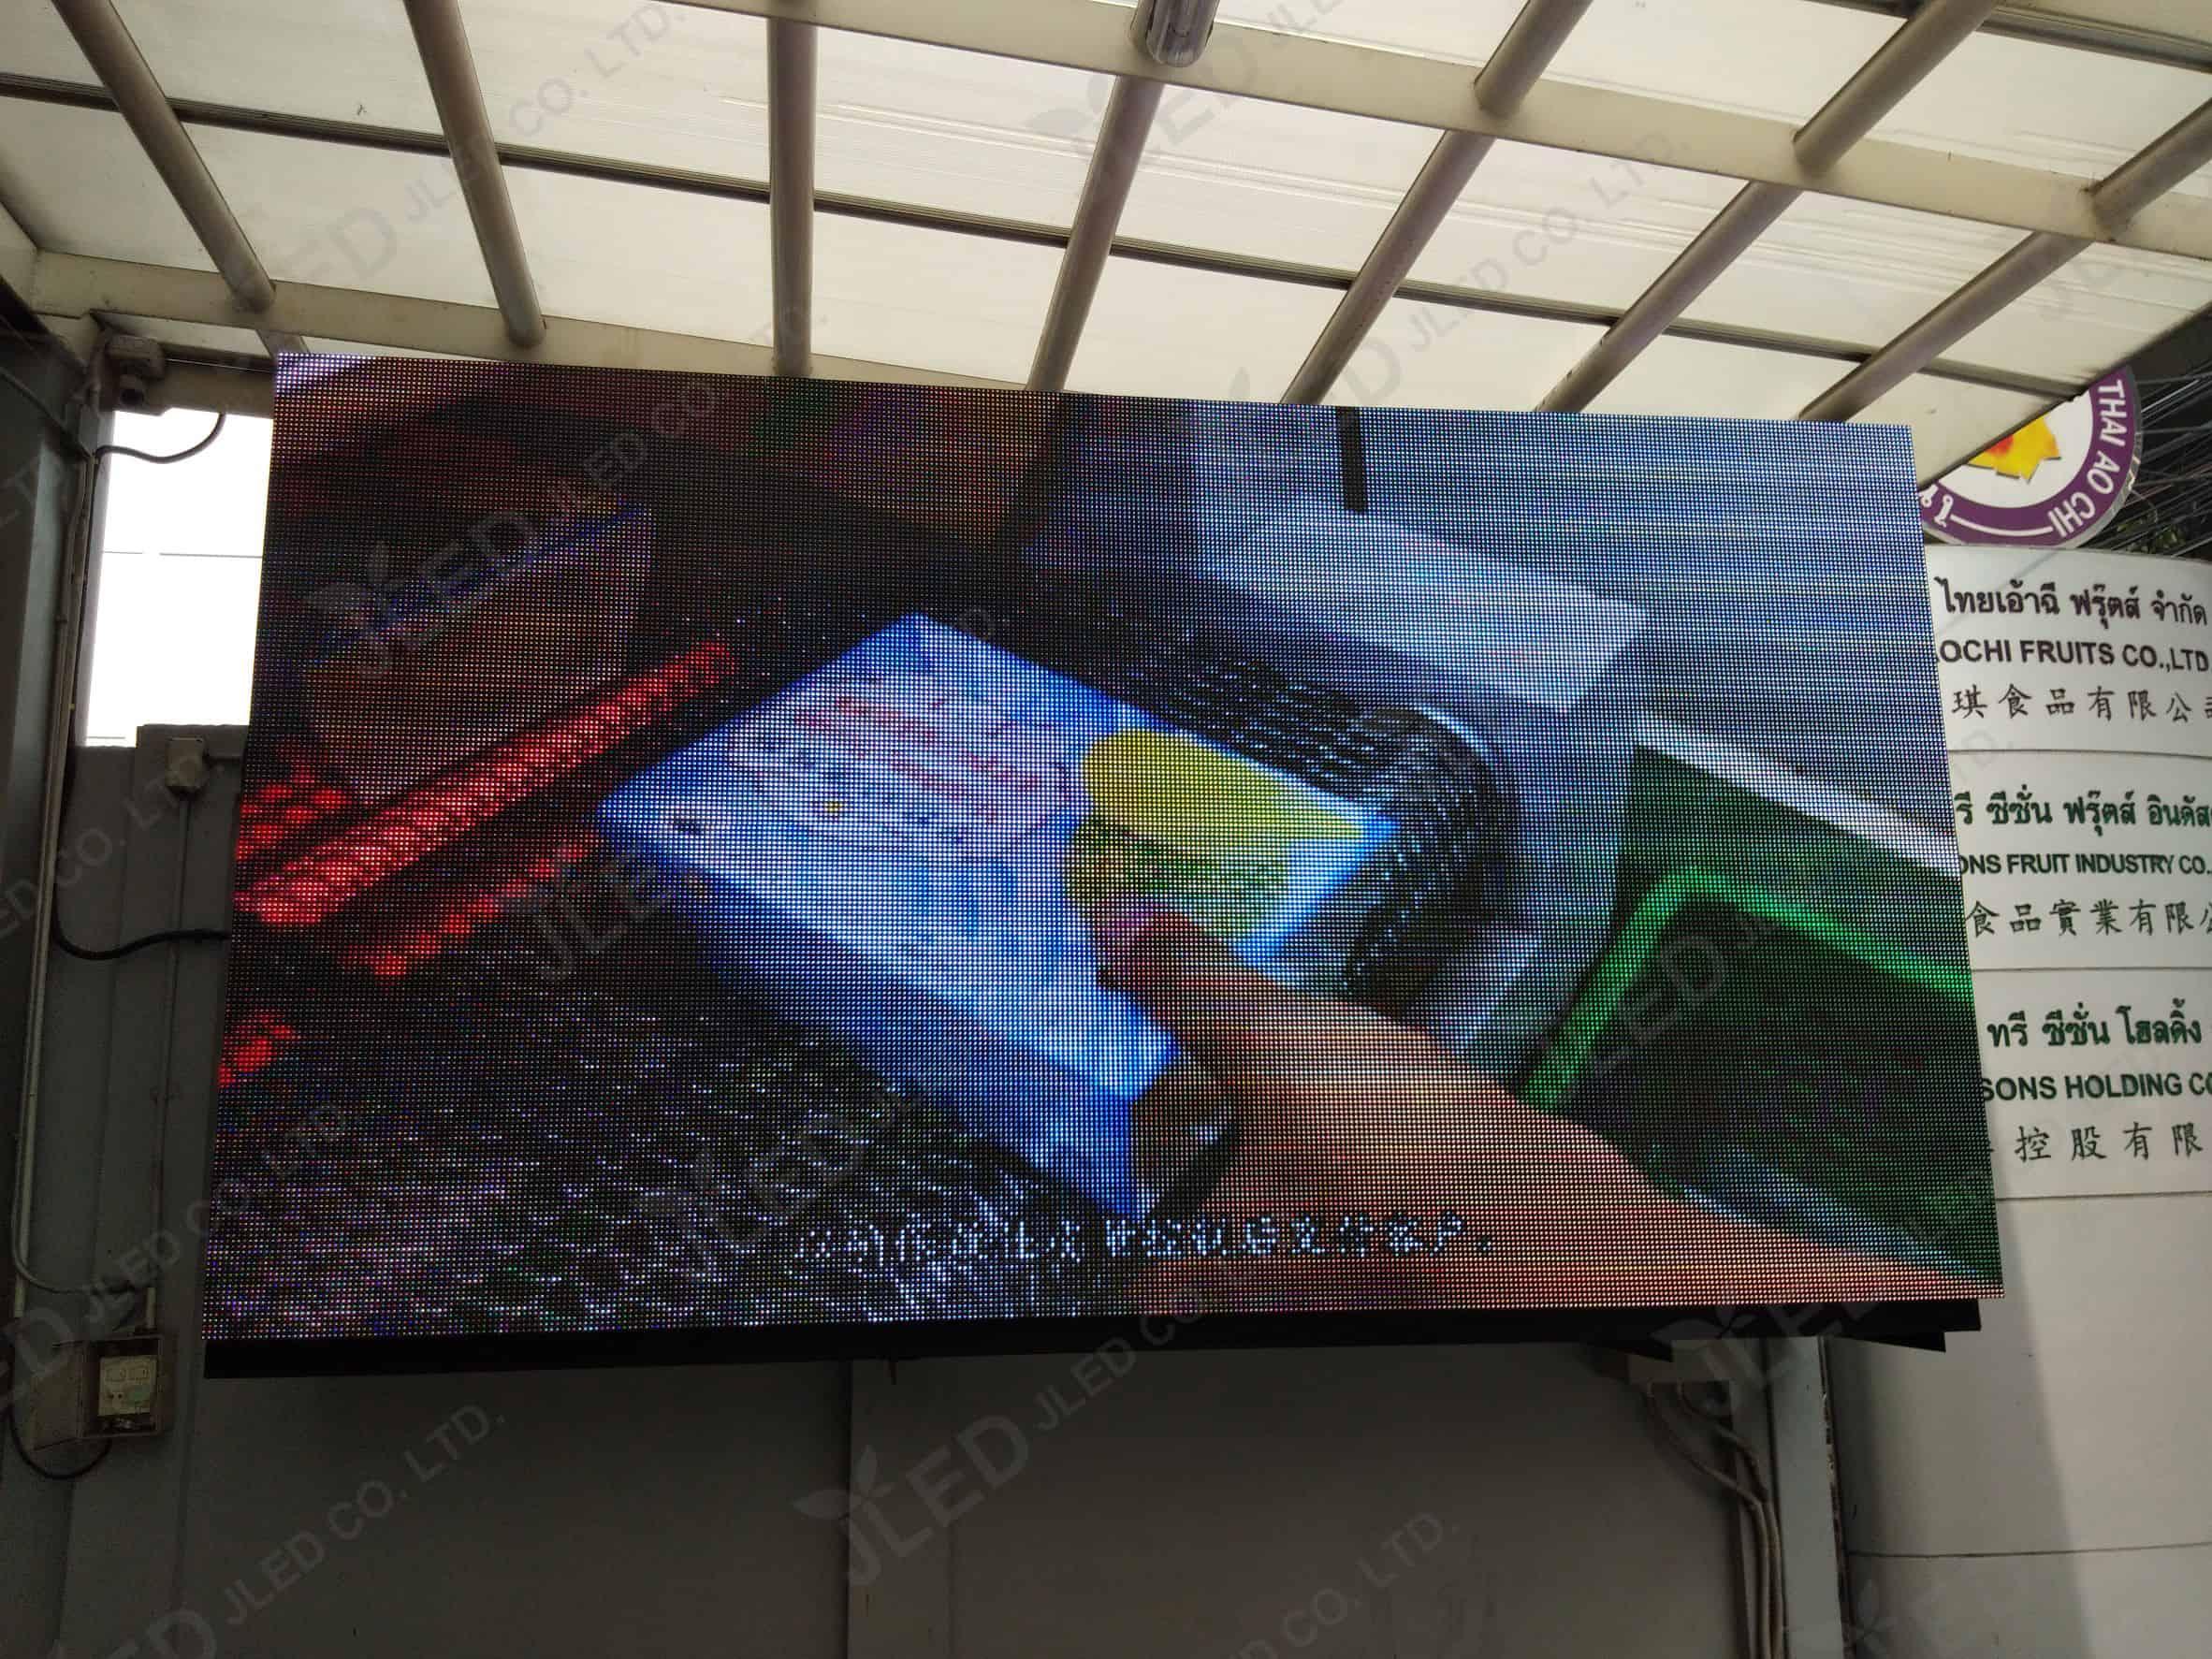 จอled display outdoor p10 fruit industry jled